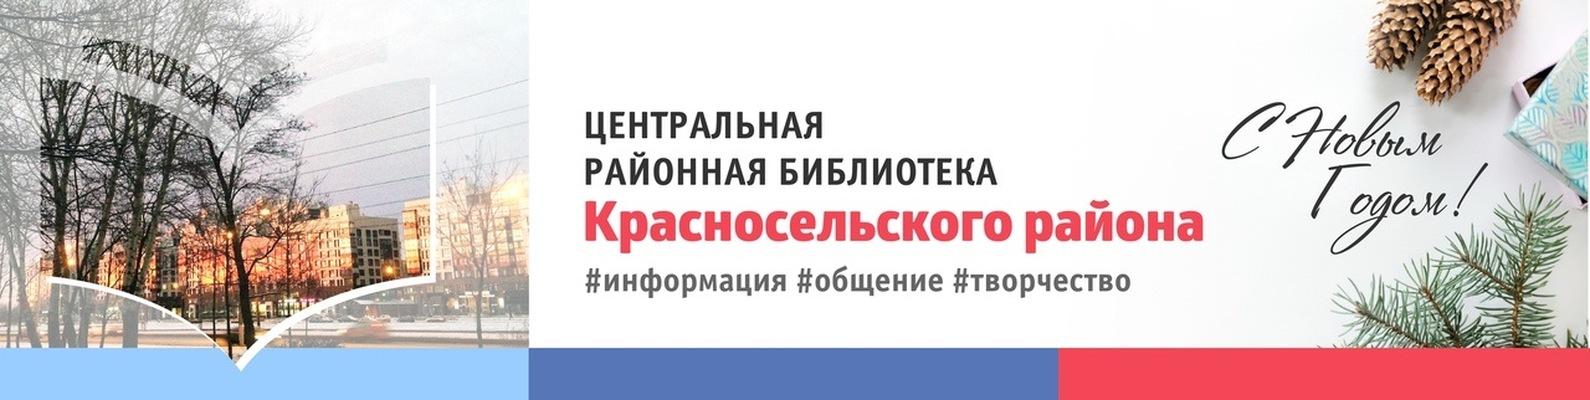 Продлить в медицинскую книжку в Москве Красносельский